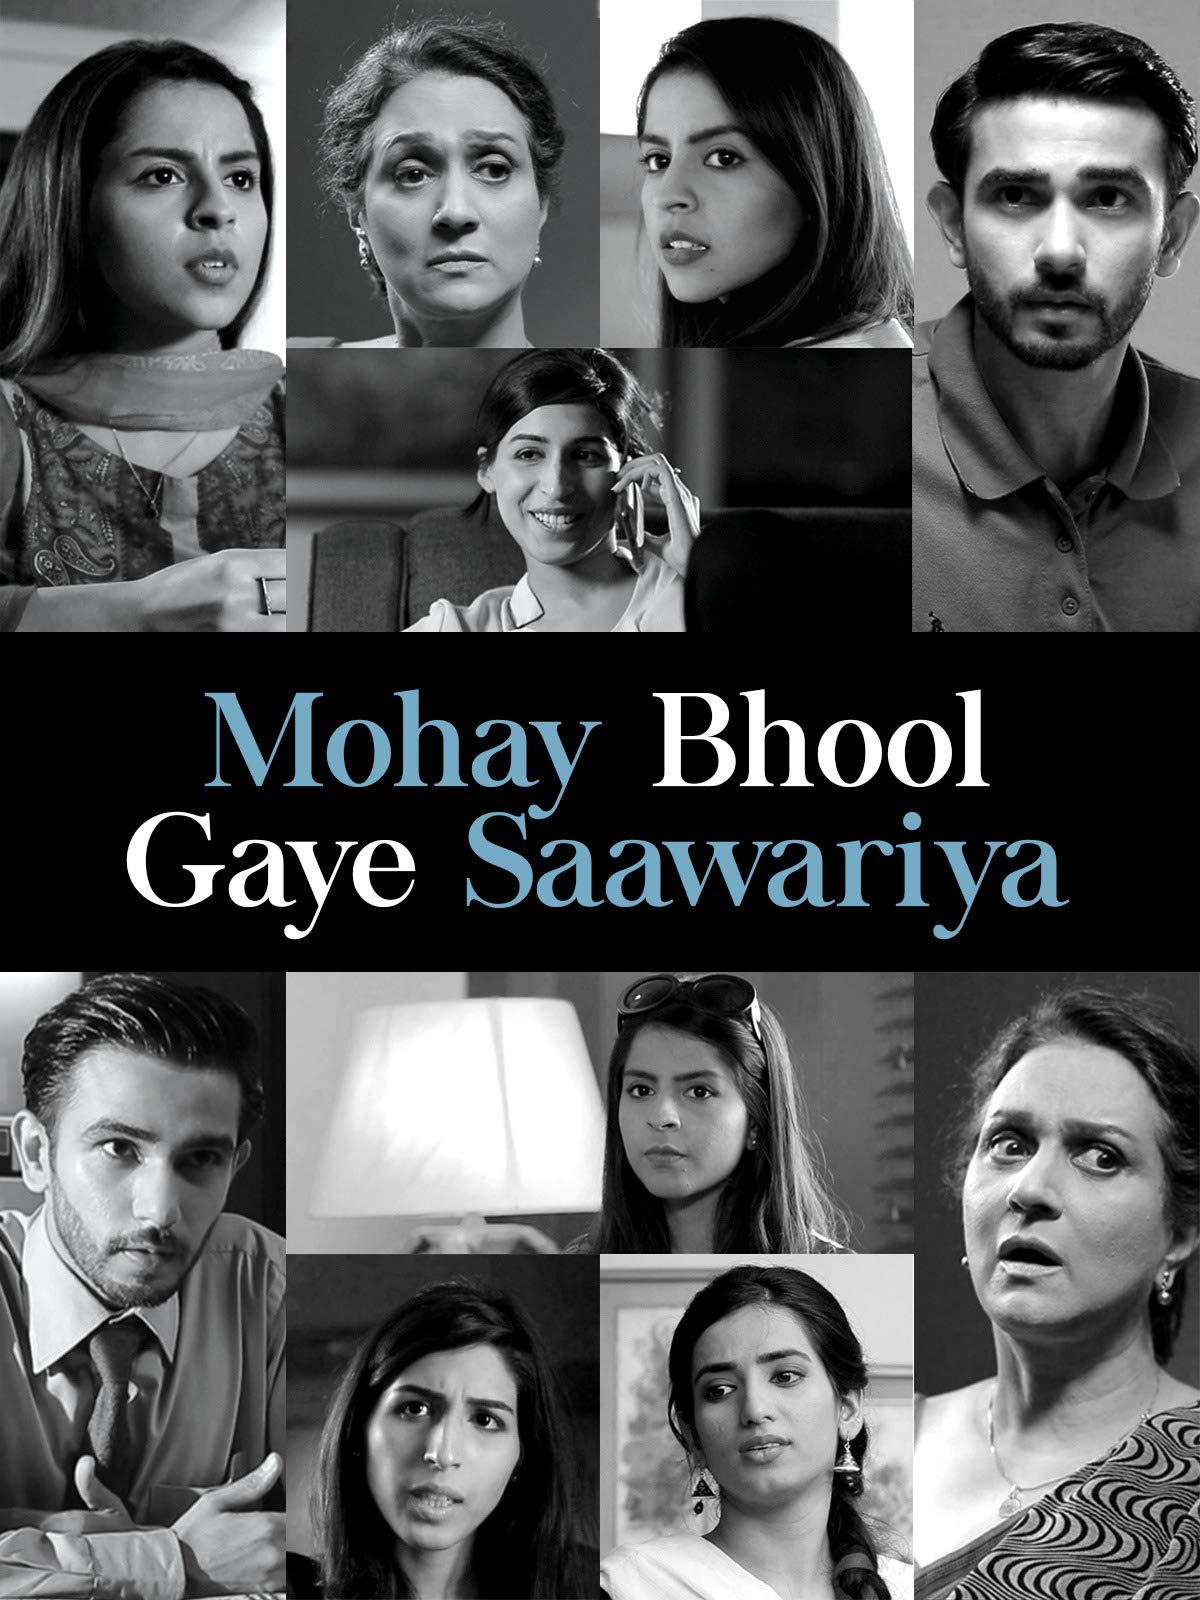 Mohay Bhool Gaye Saawariya